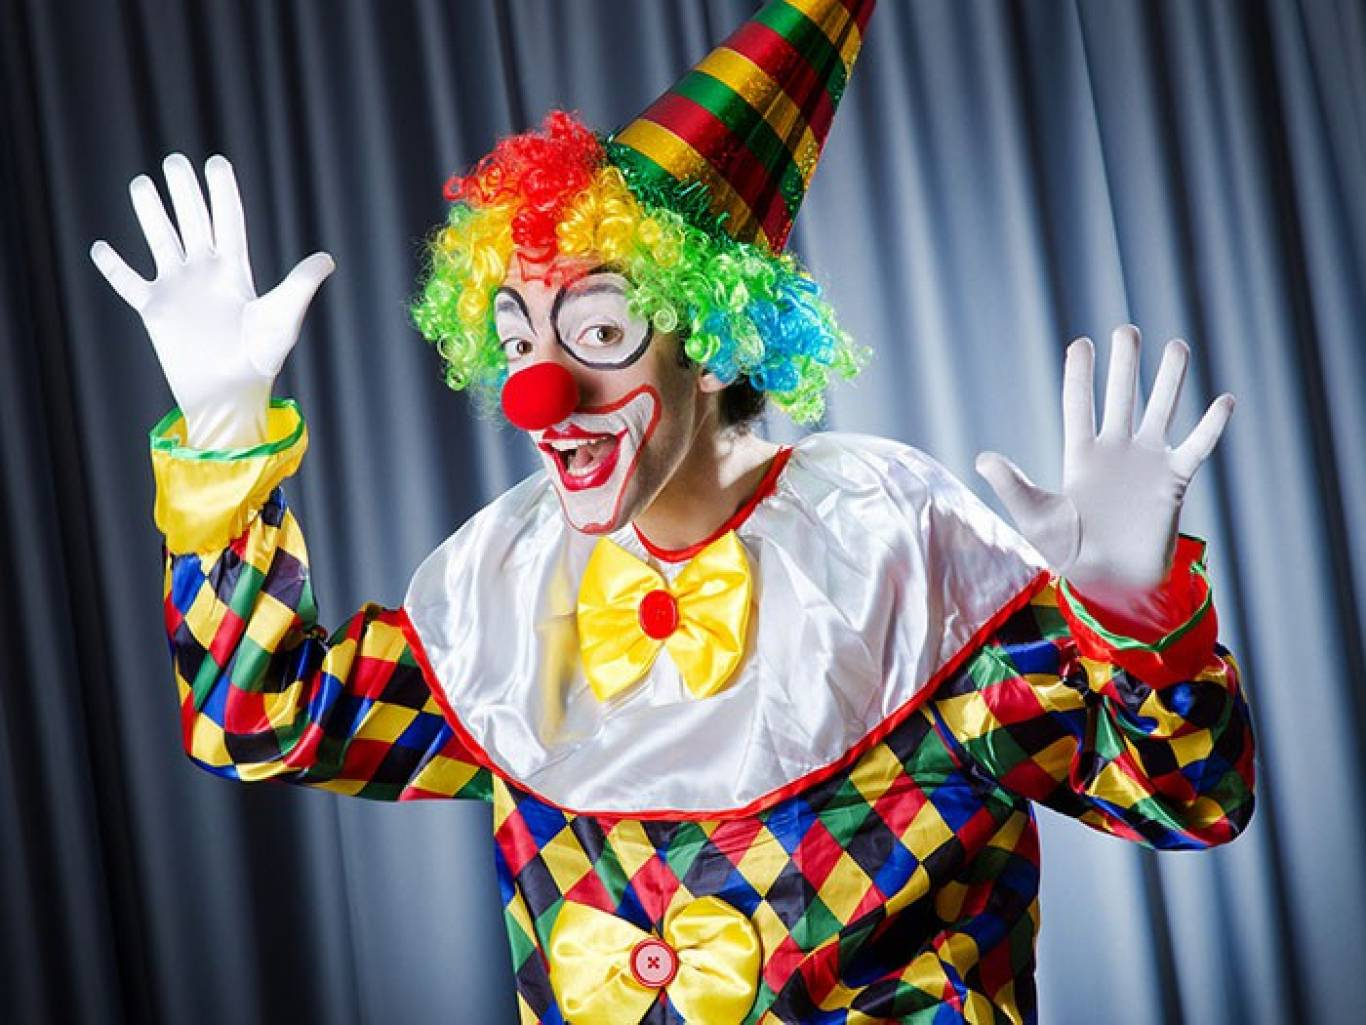 заказчики фото красивых клоунов вашей